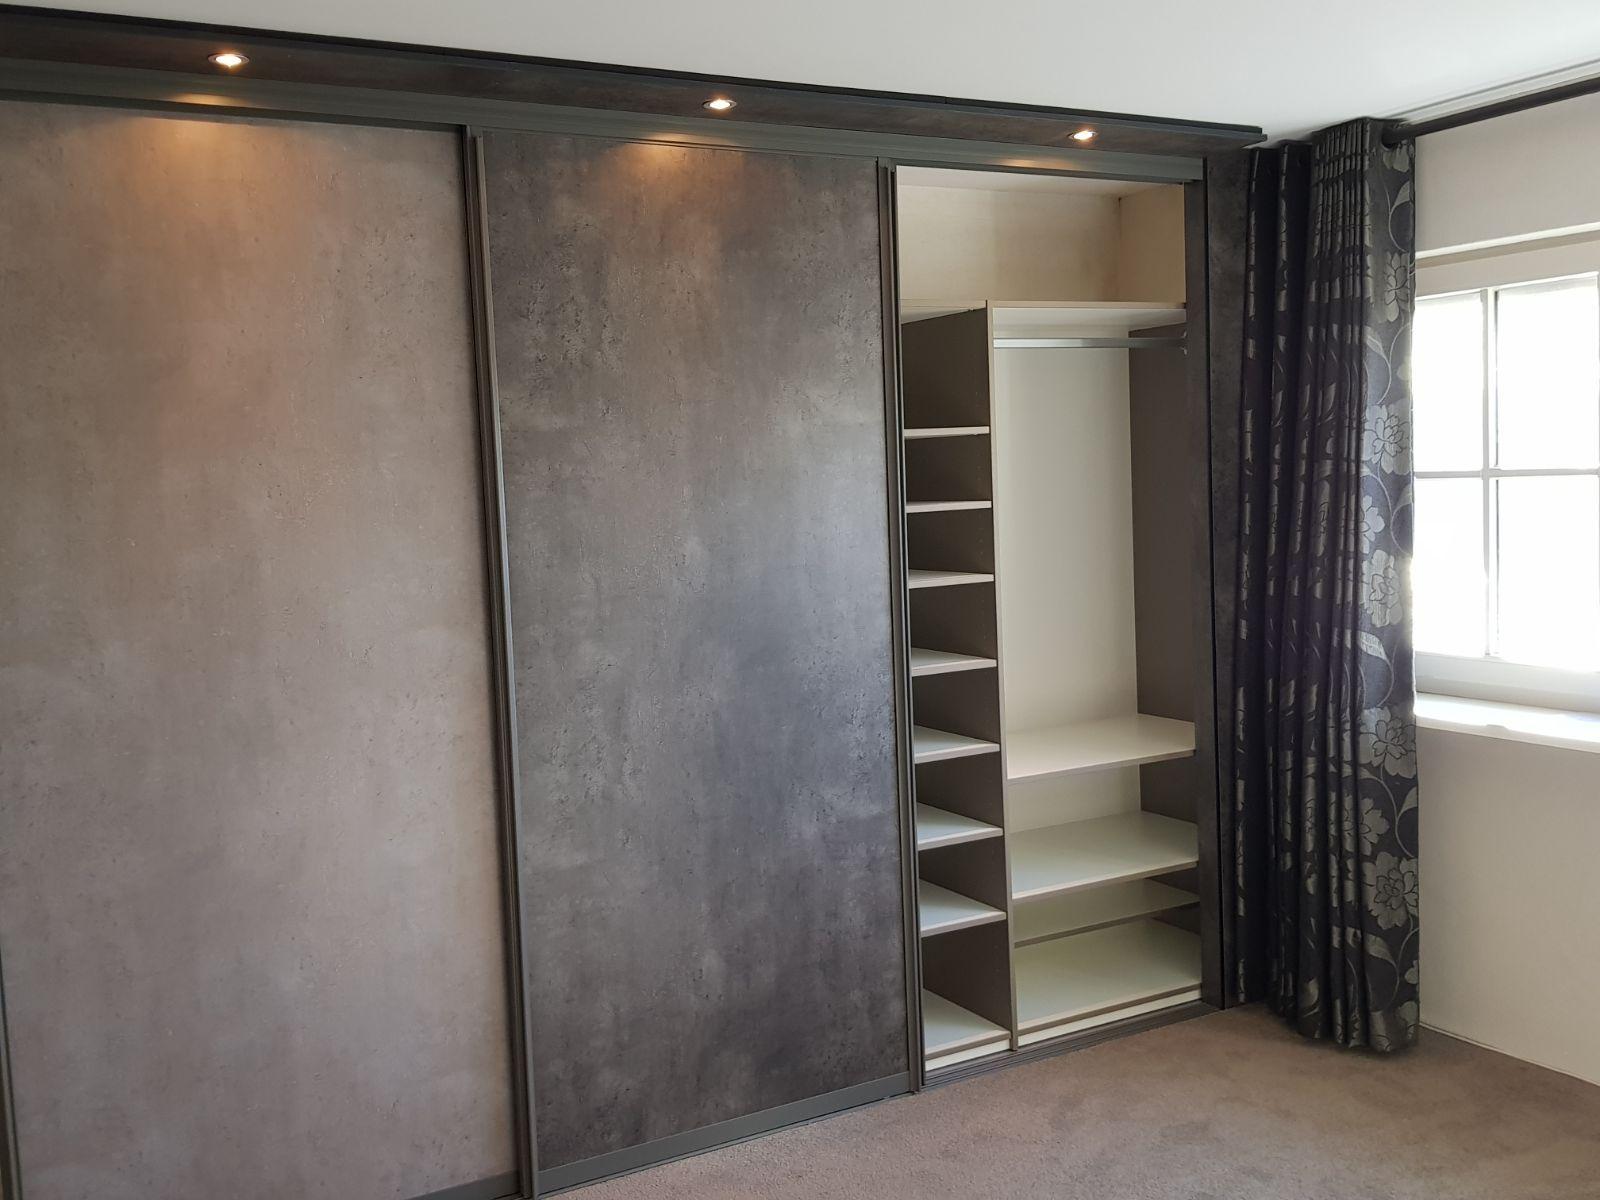 Spiegel Op Maat : Prachtige kastenwand op maat voorzien van spiegel schuifdeuren en